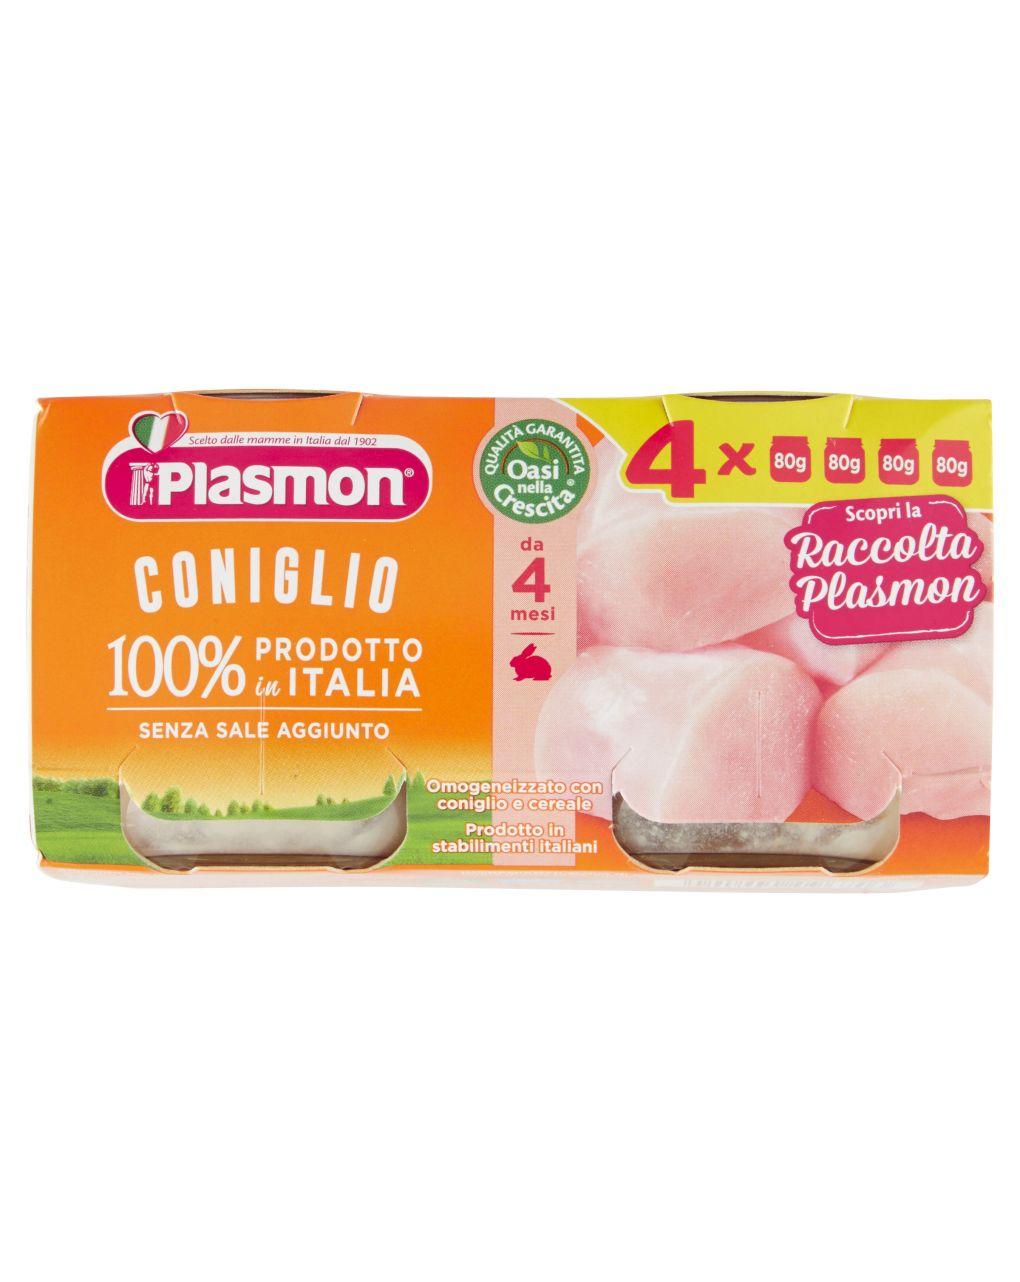 Plasmon - omogeneizzato coniglio 4x80g - Plasmon